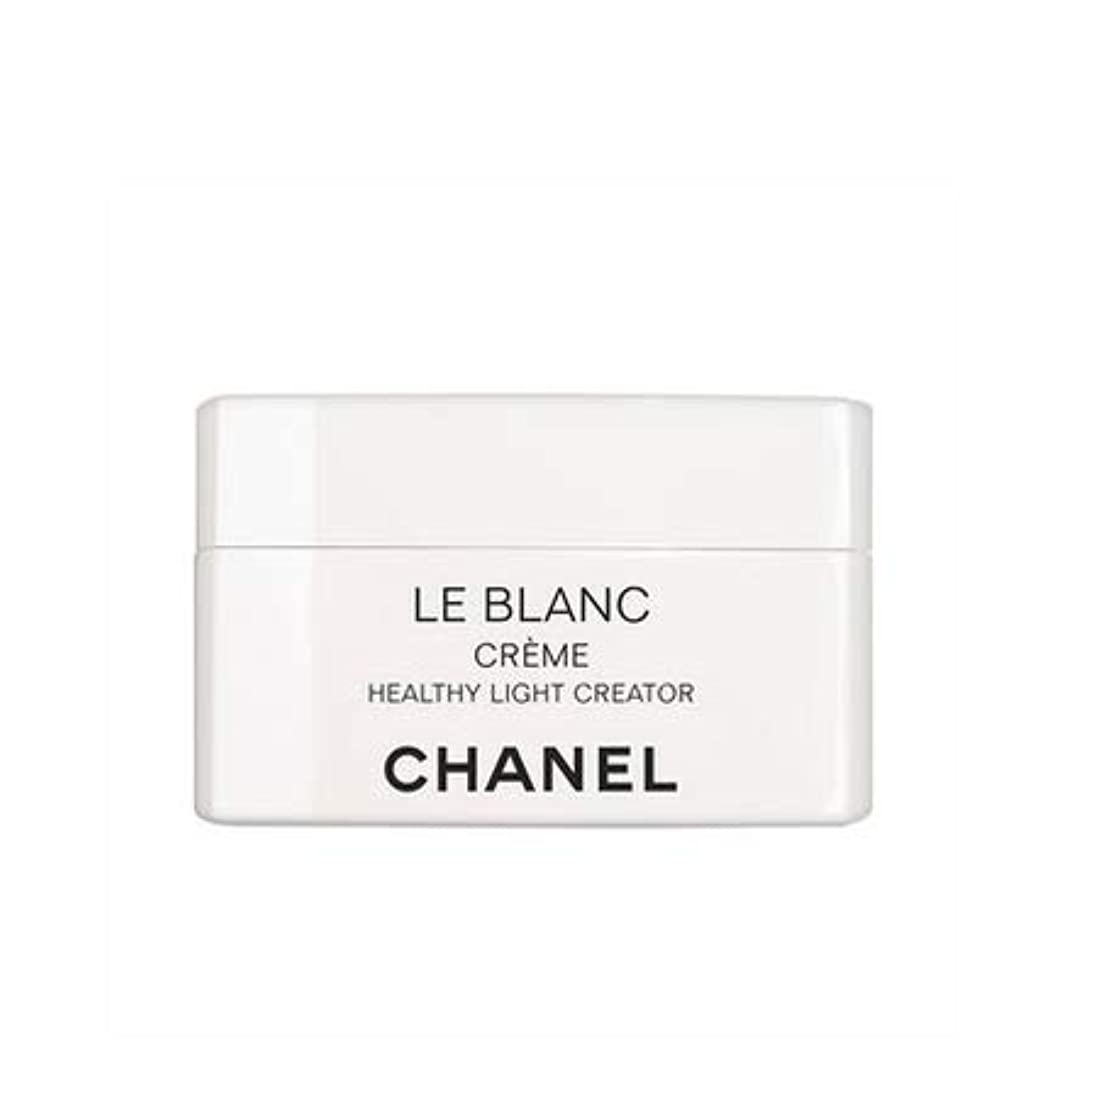 シェル感じ放つシャネル ル ブラン クリーム HL 50g -CHANEL-